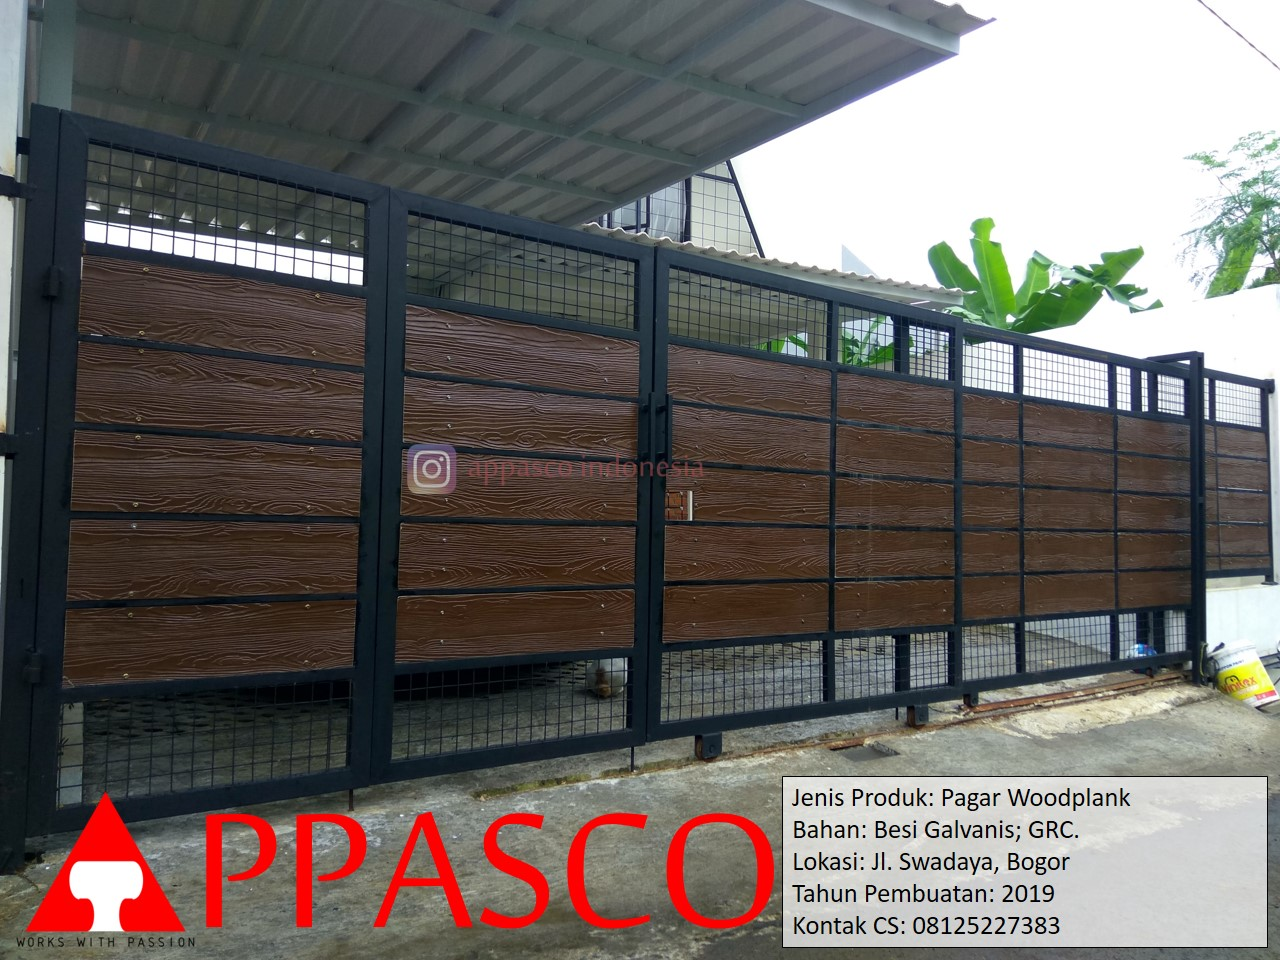 Pagar Woodplank Galvanis GRC di Swadaya Bogor